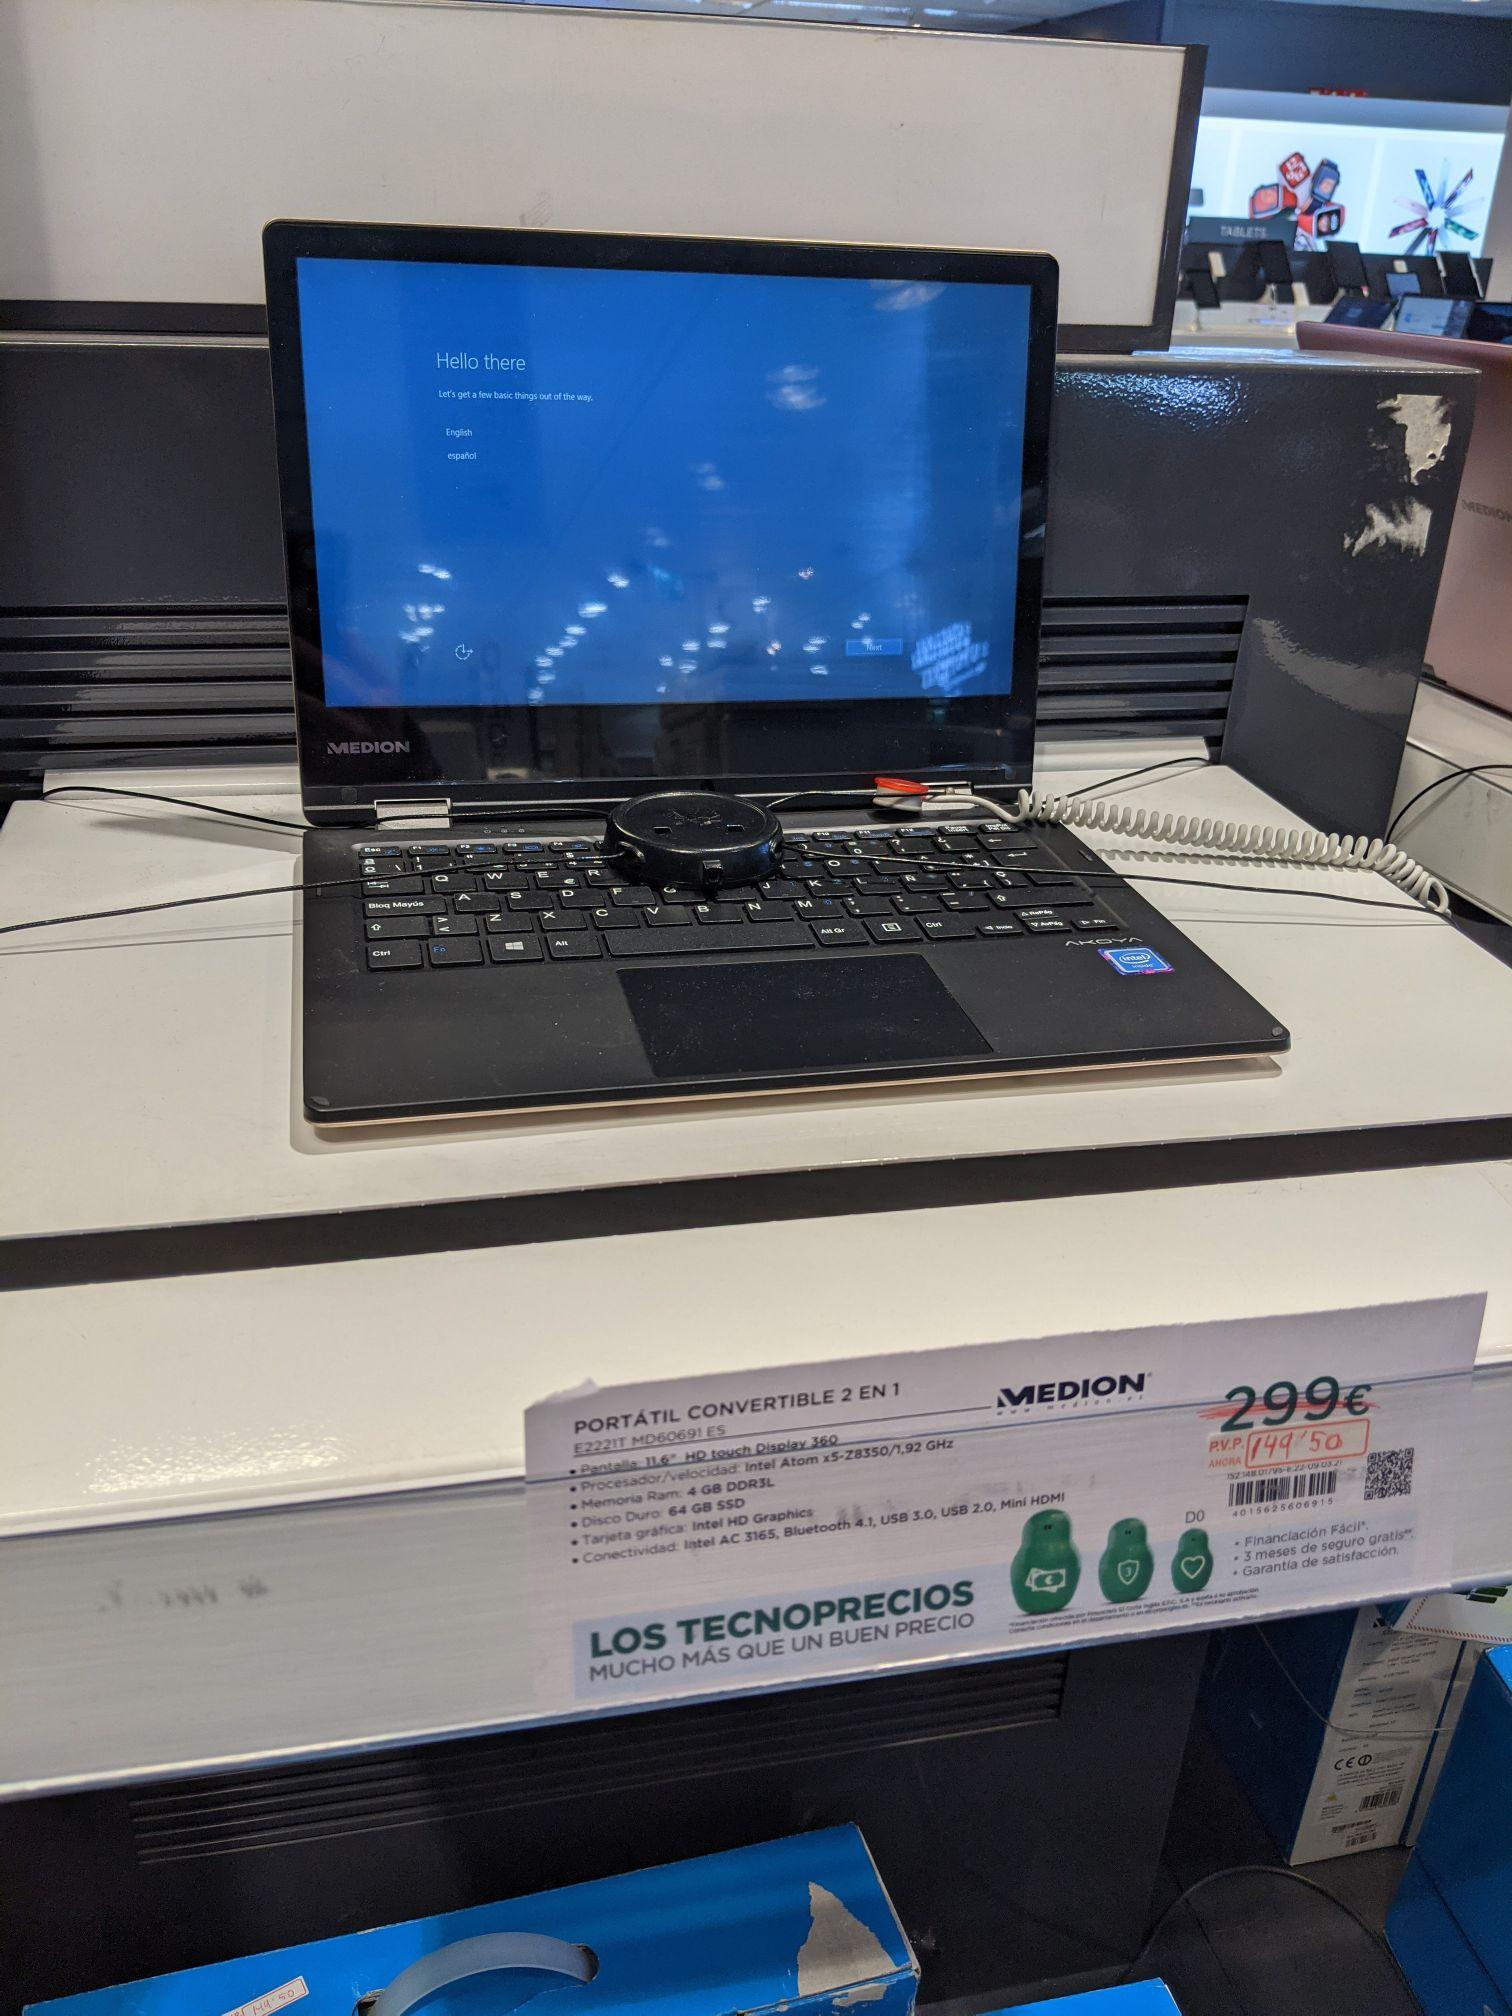 Portátil convertible Medion Akoya intel atom / 4GB RAM / 64GB SSD - El Corte Inglés CC Nuevo Centro (Valencia)